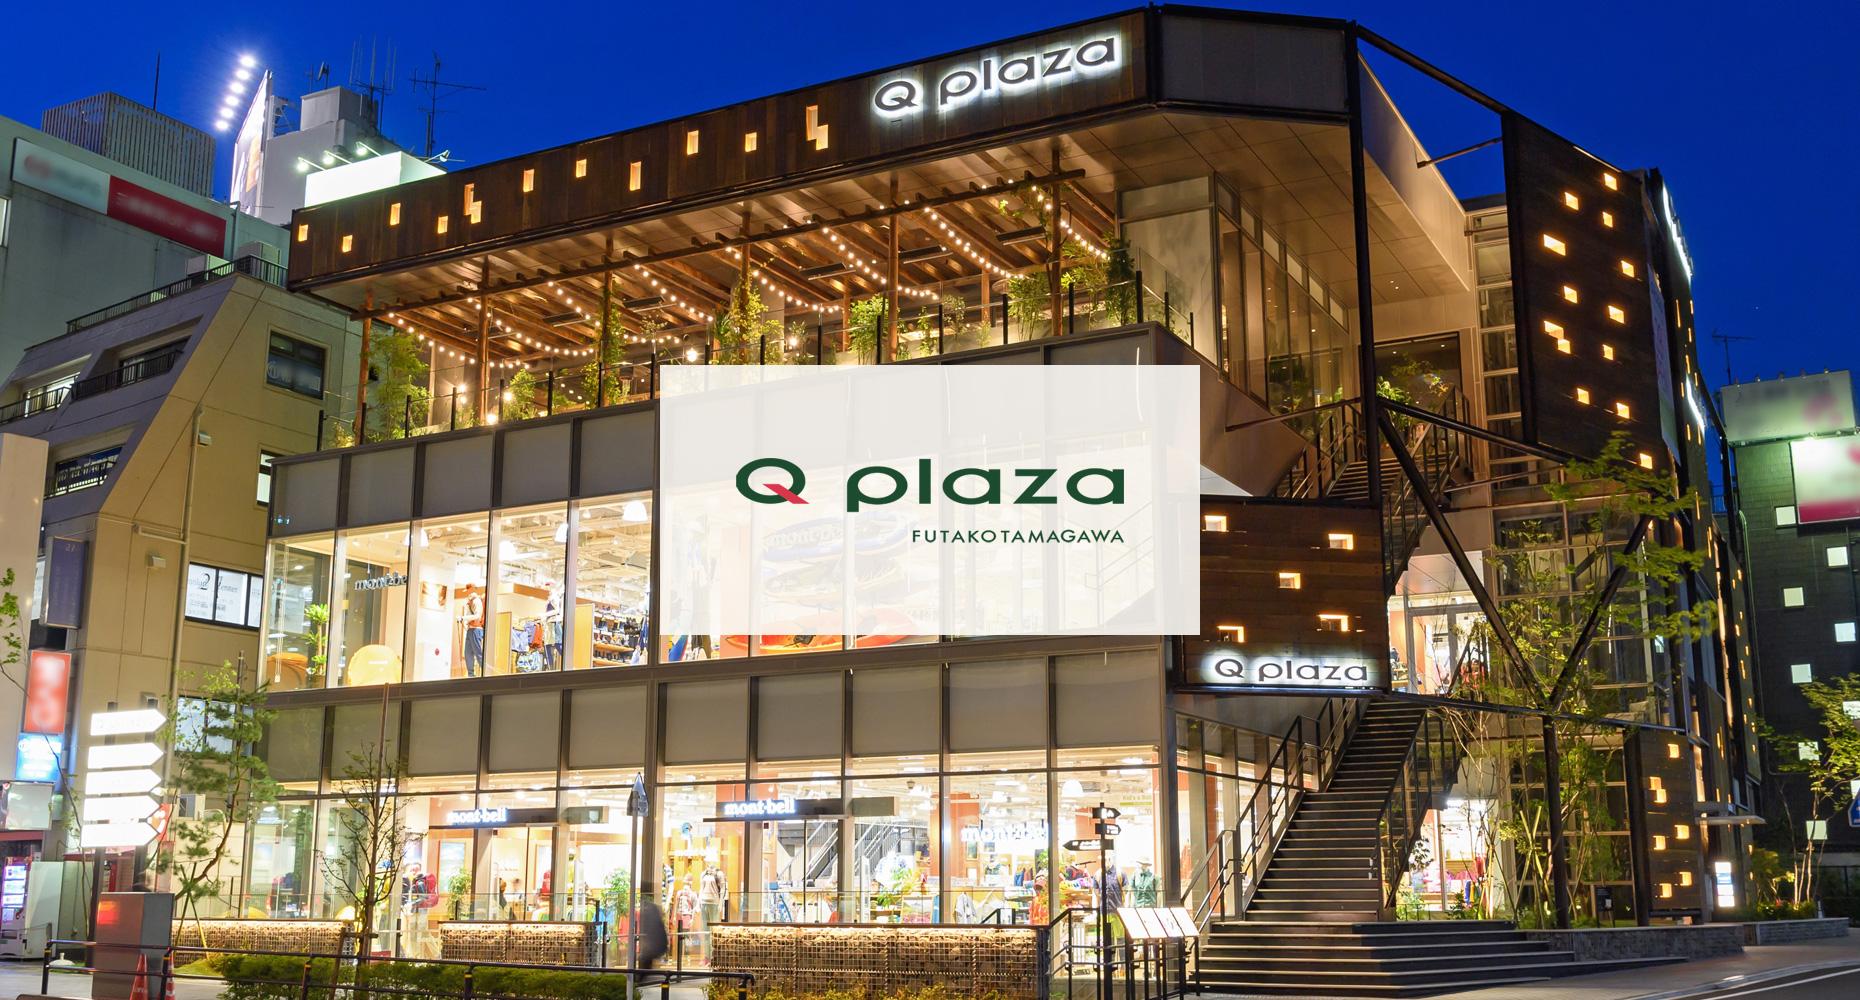 キュープラザ二子玉川 Q Plaza F...